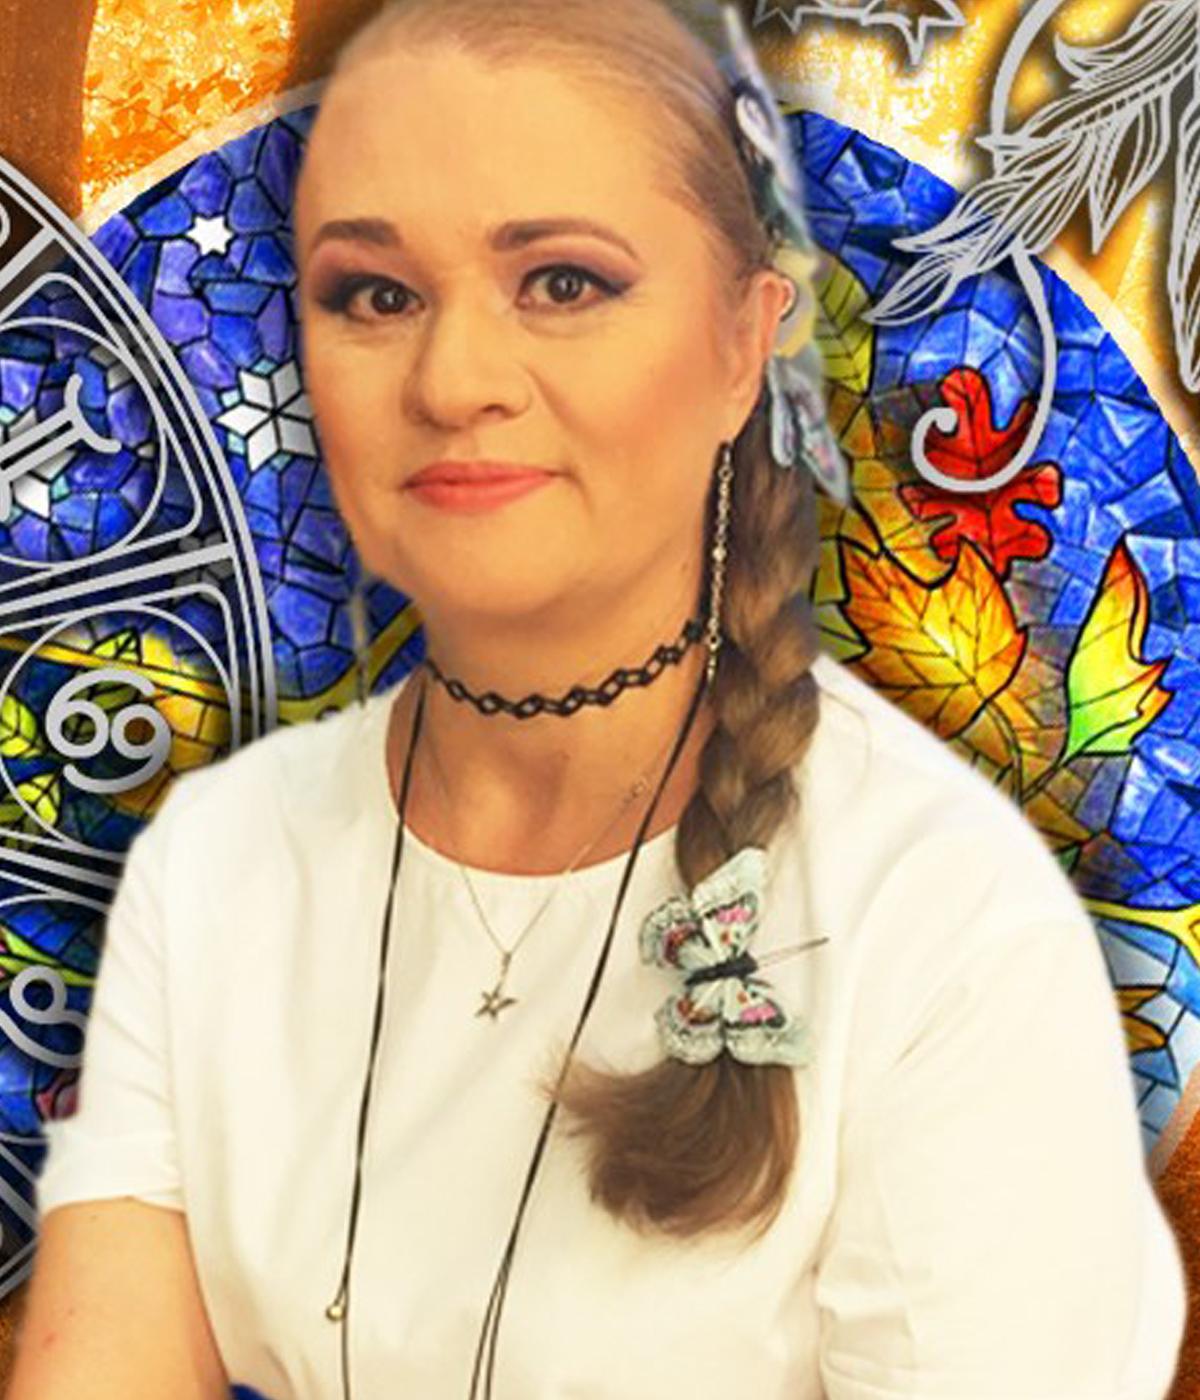 Mariana Cojocaru – Echinocțiul de toamnă face ravagii! Zodiile care vor suferi cel mai mult